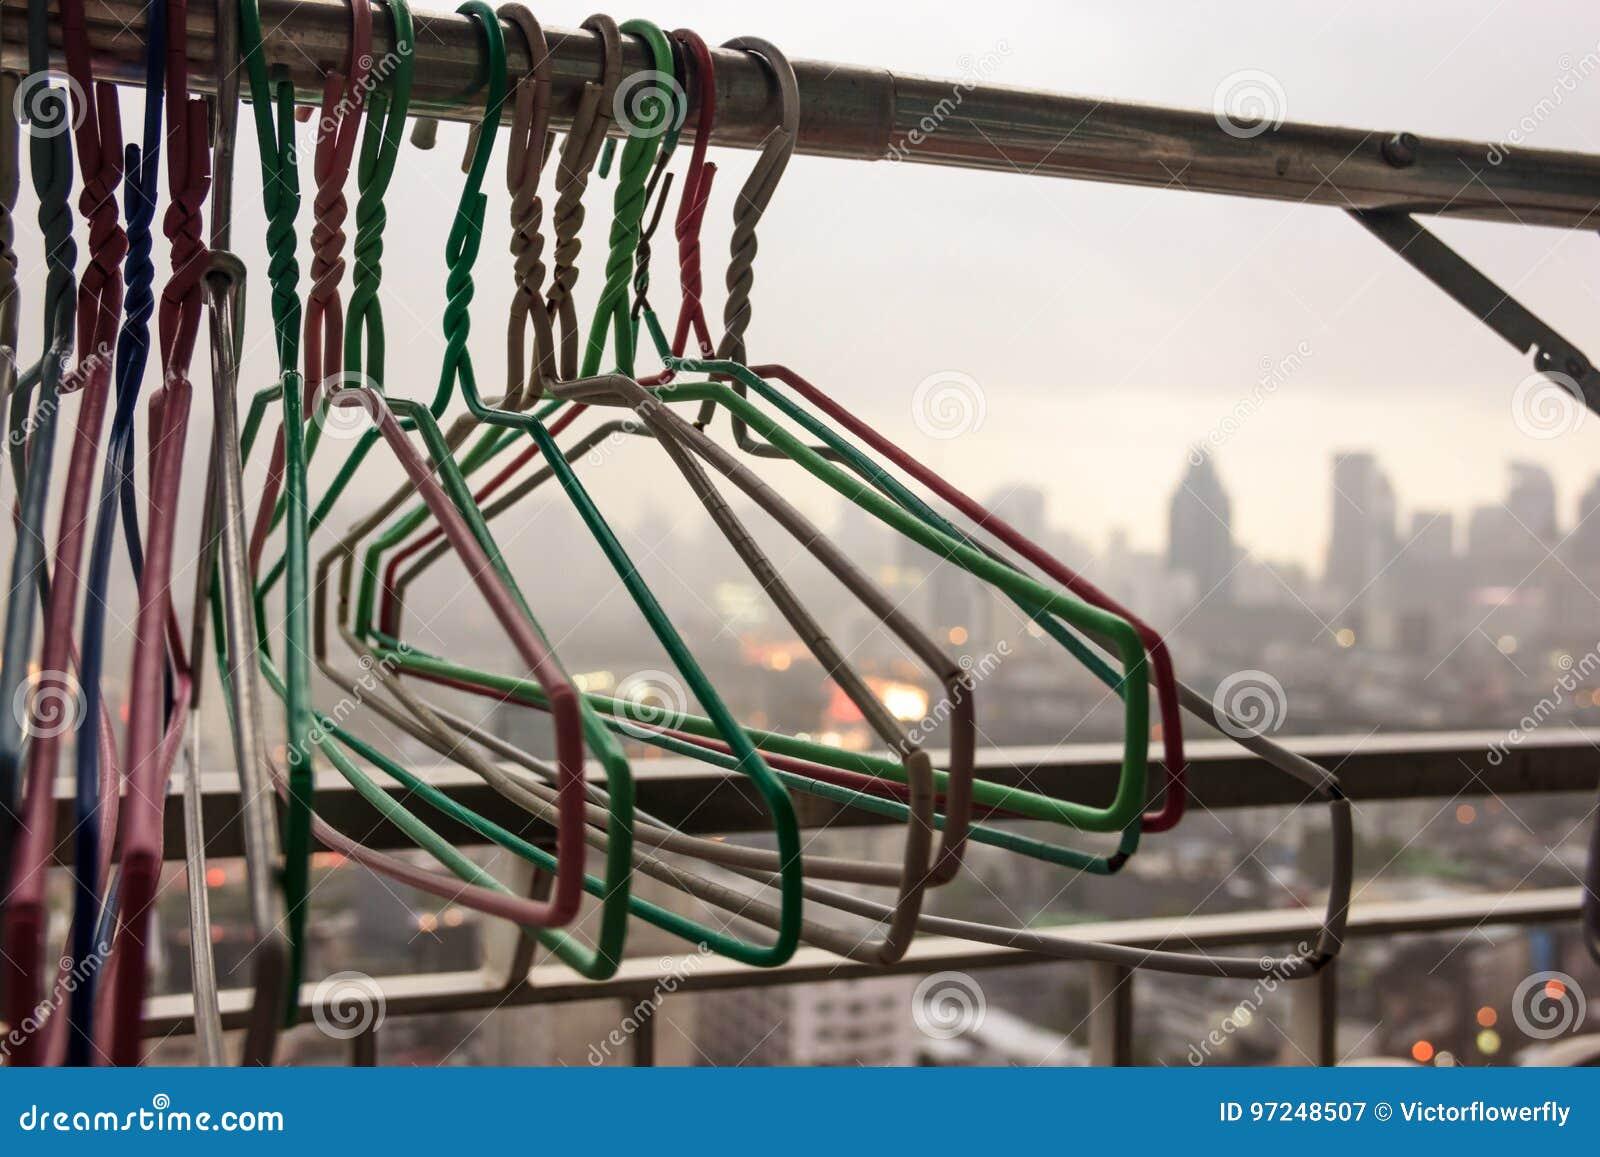 Kleiderbugel Auf Stoff Zeichnen Am Balkon Des Wohngebaudes An Einem